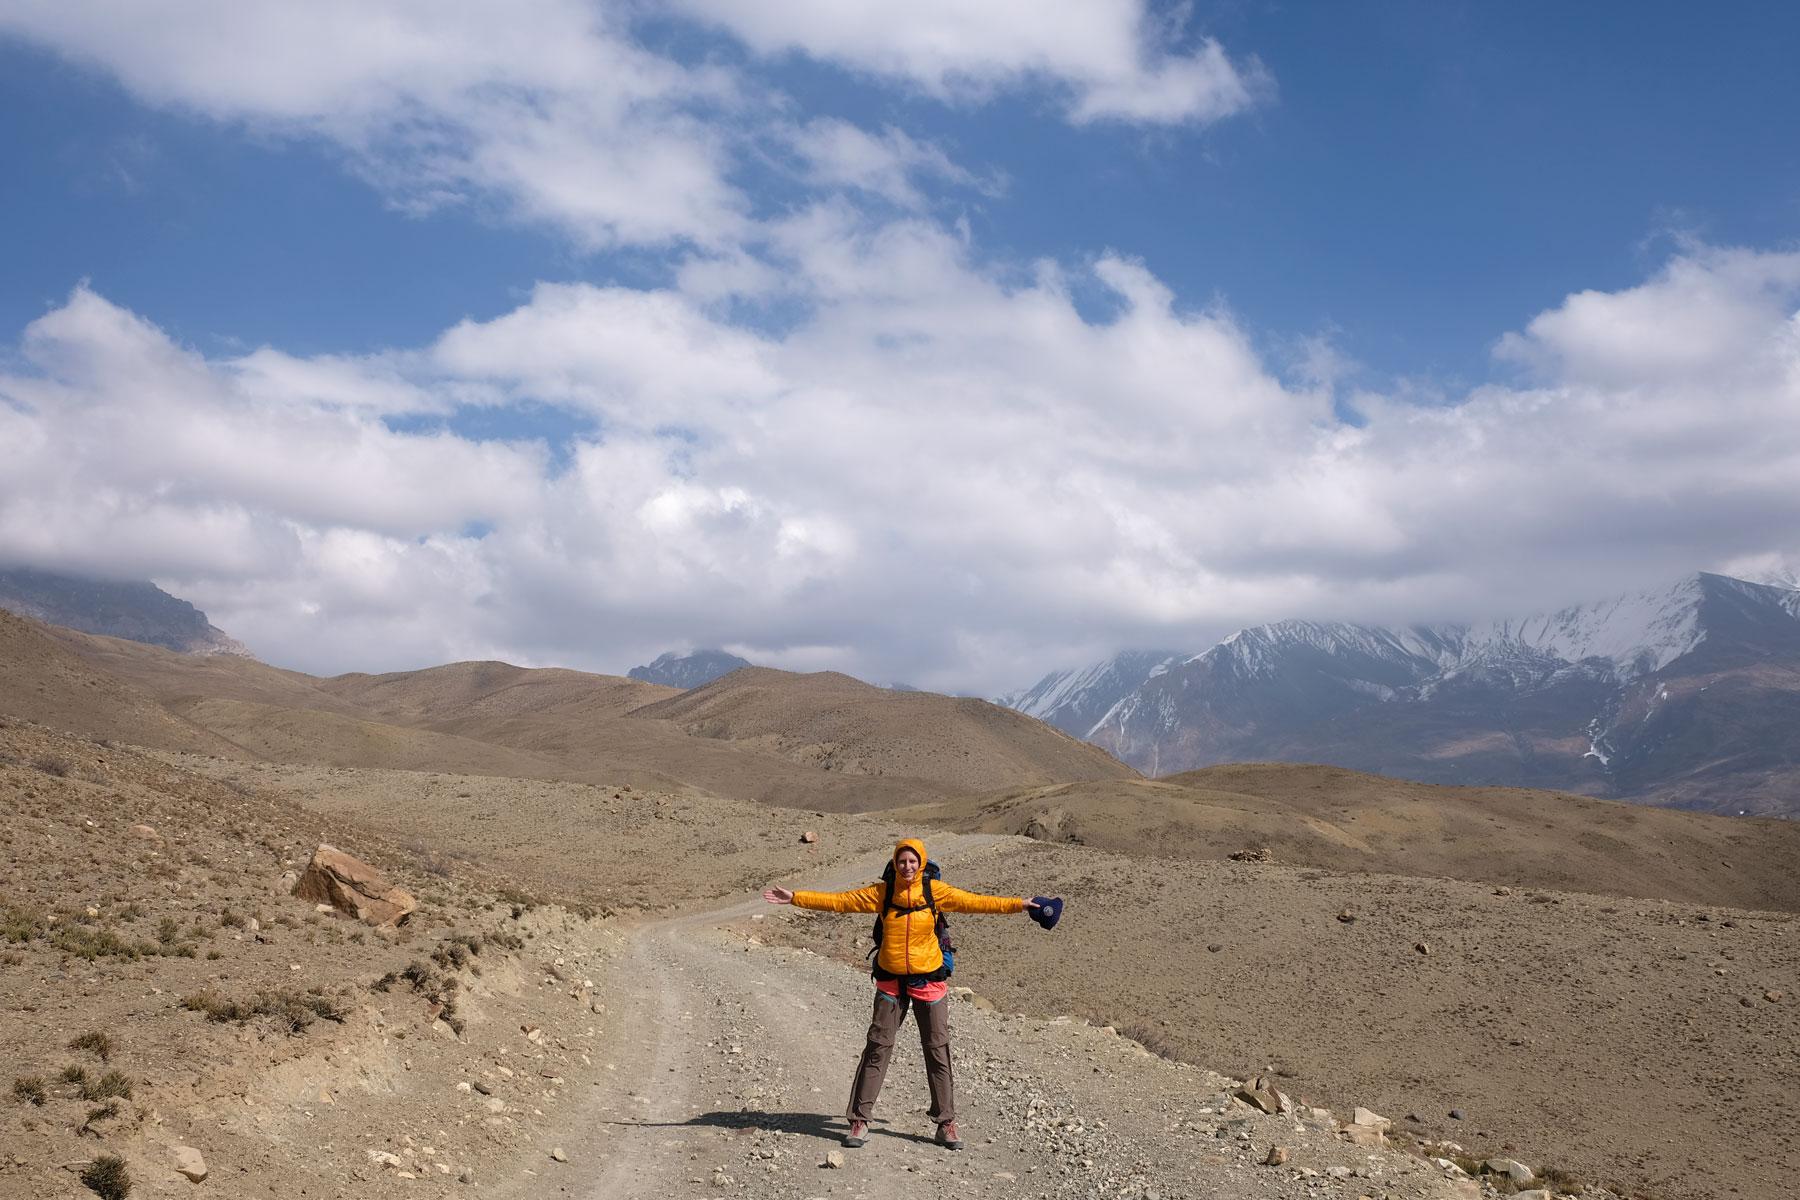 Leo im Wind auf dem Annapurna Circuit.